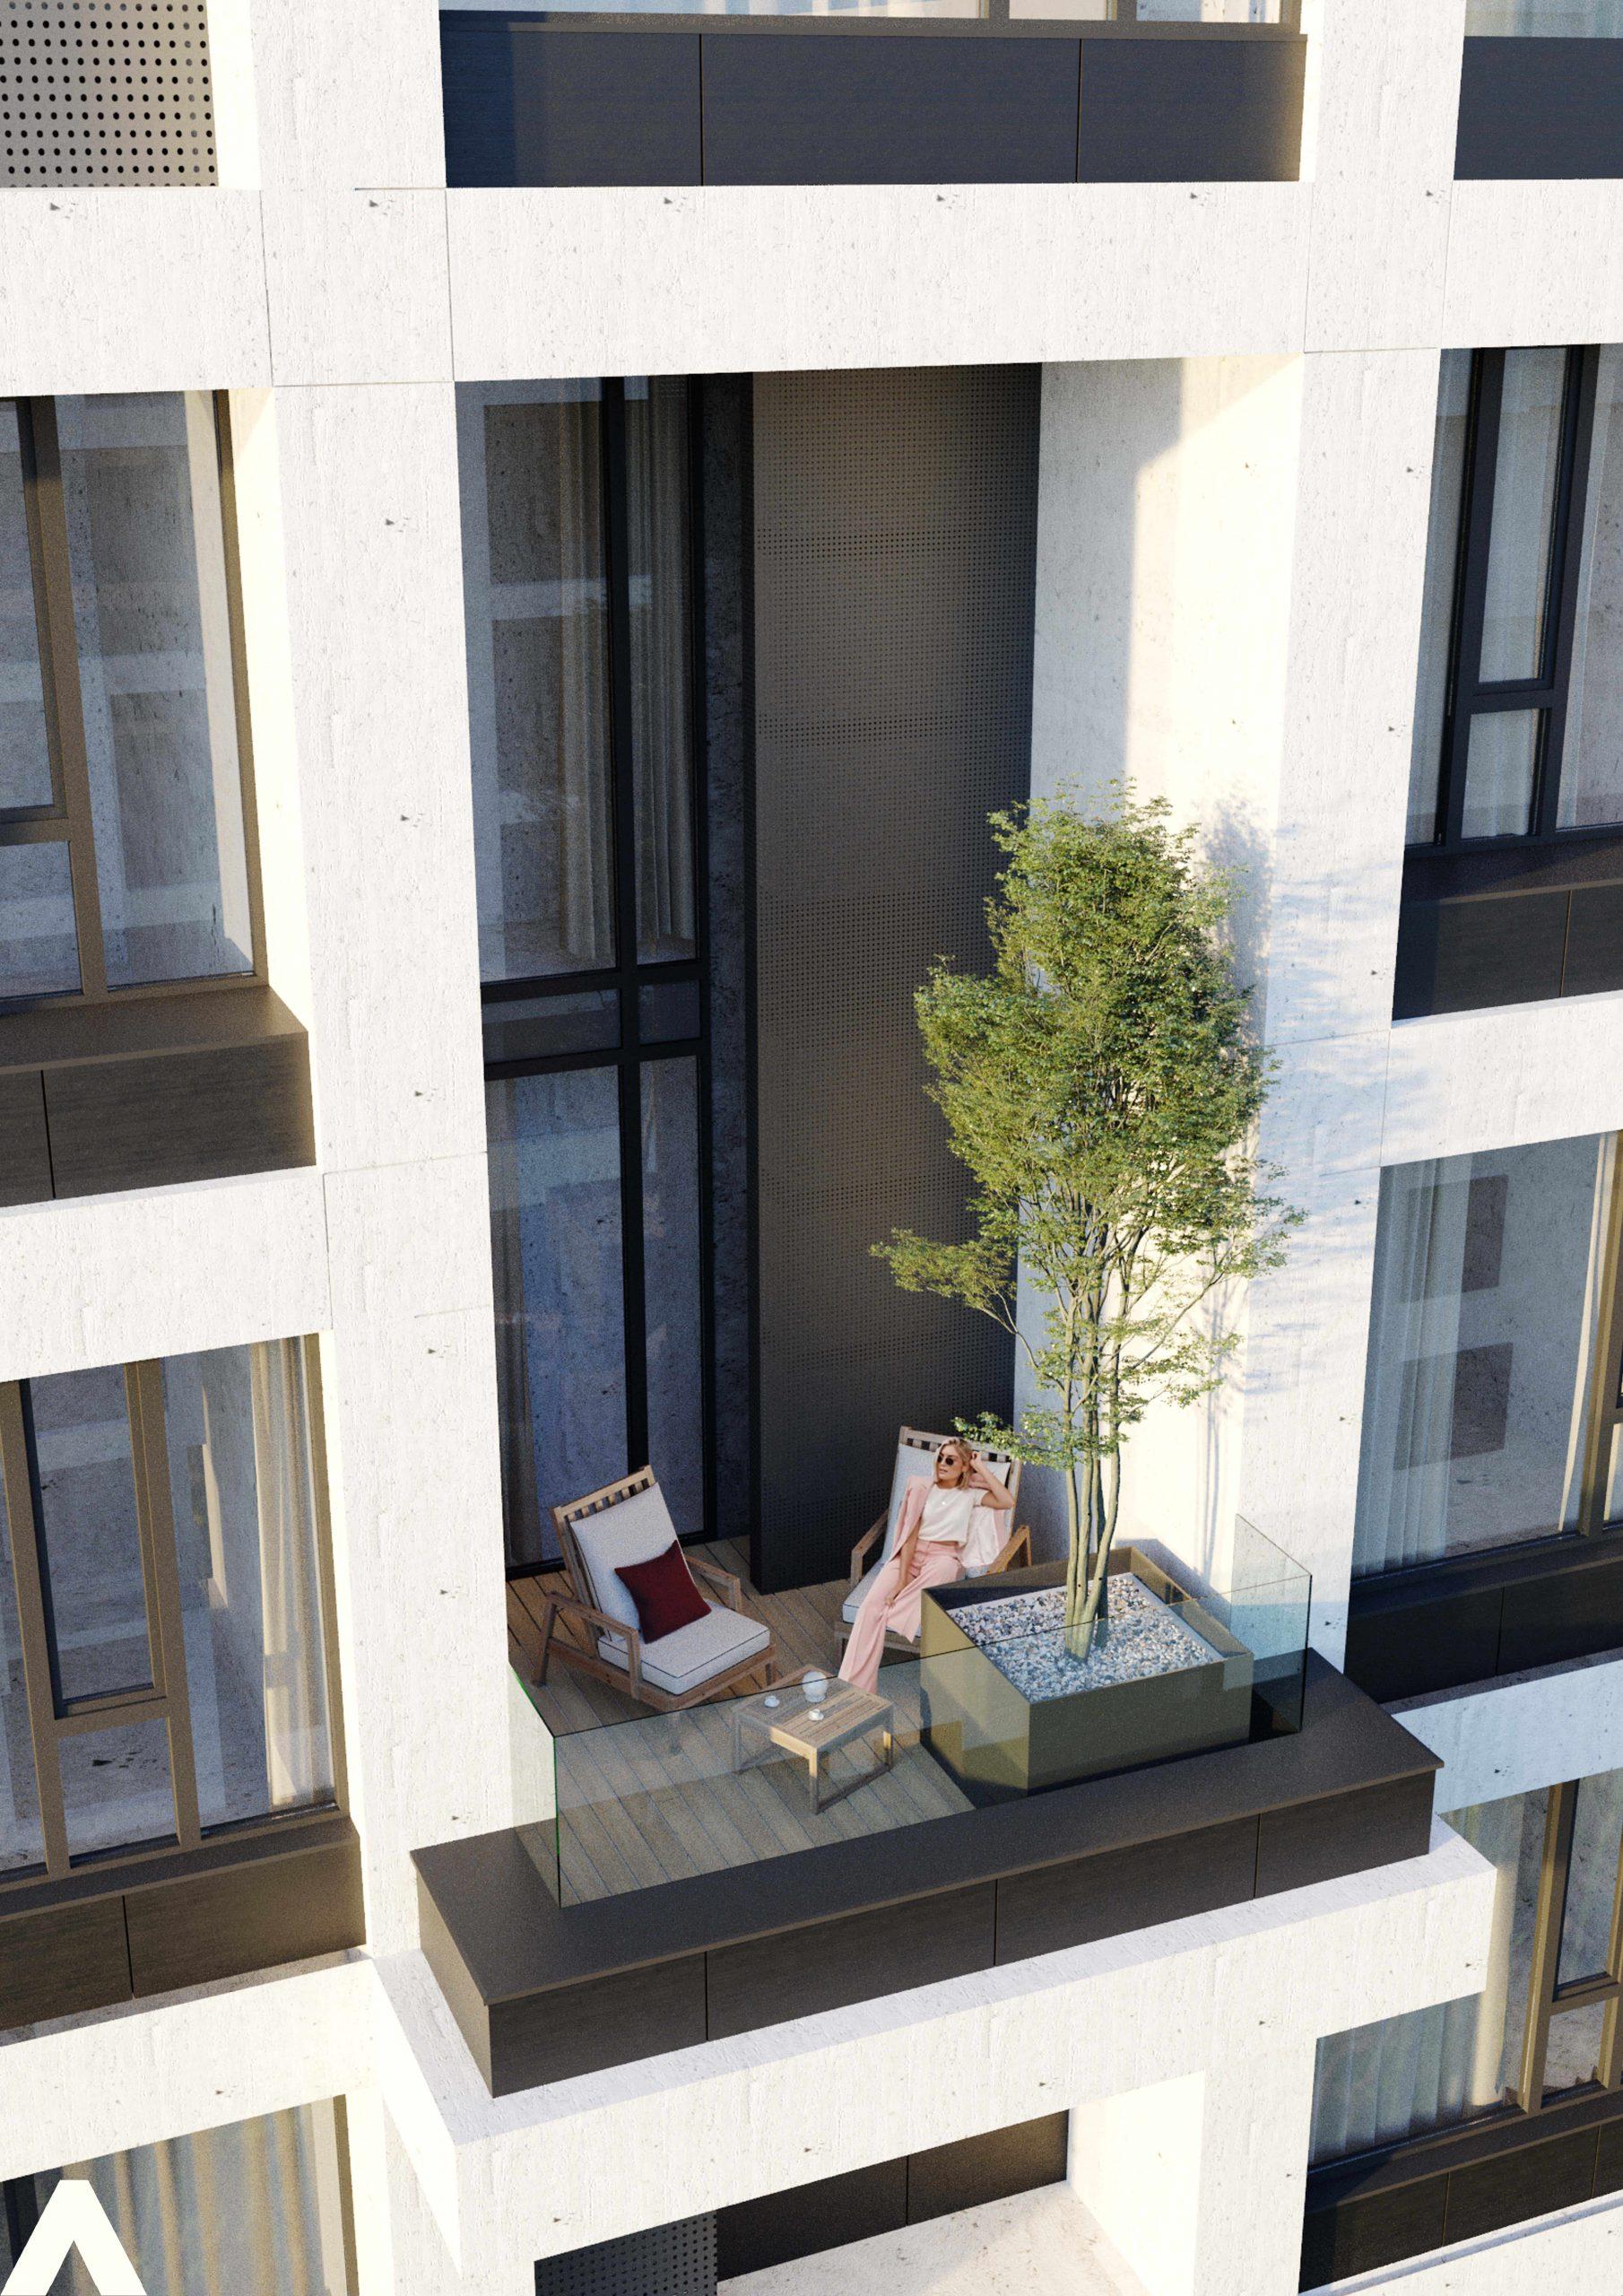 Первые жильцы смогут въехать в новое жилье летом 2022 года